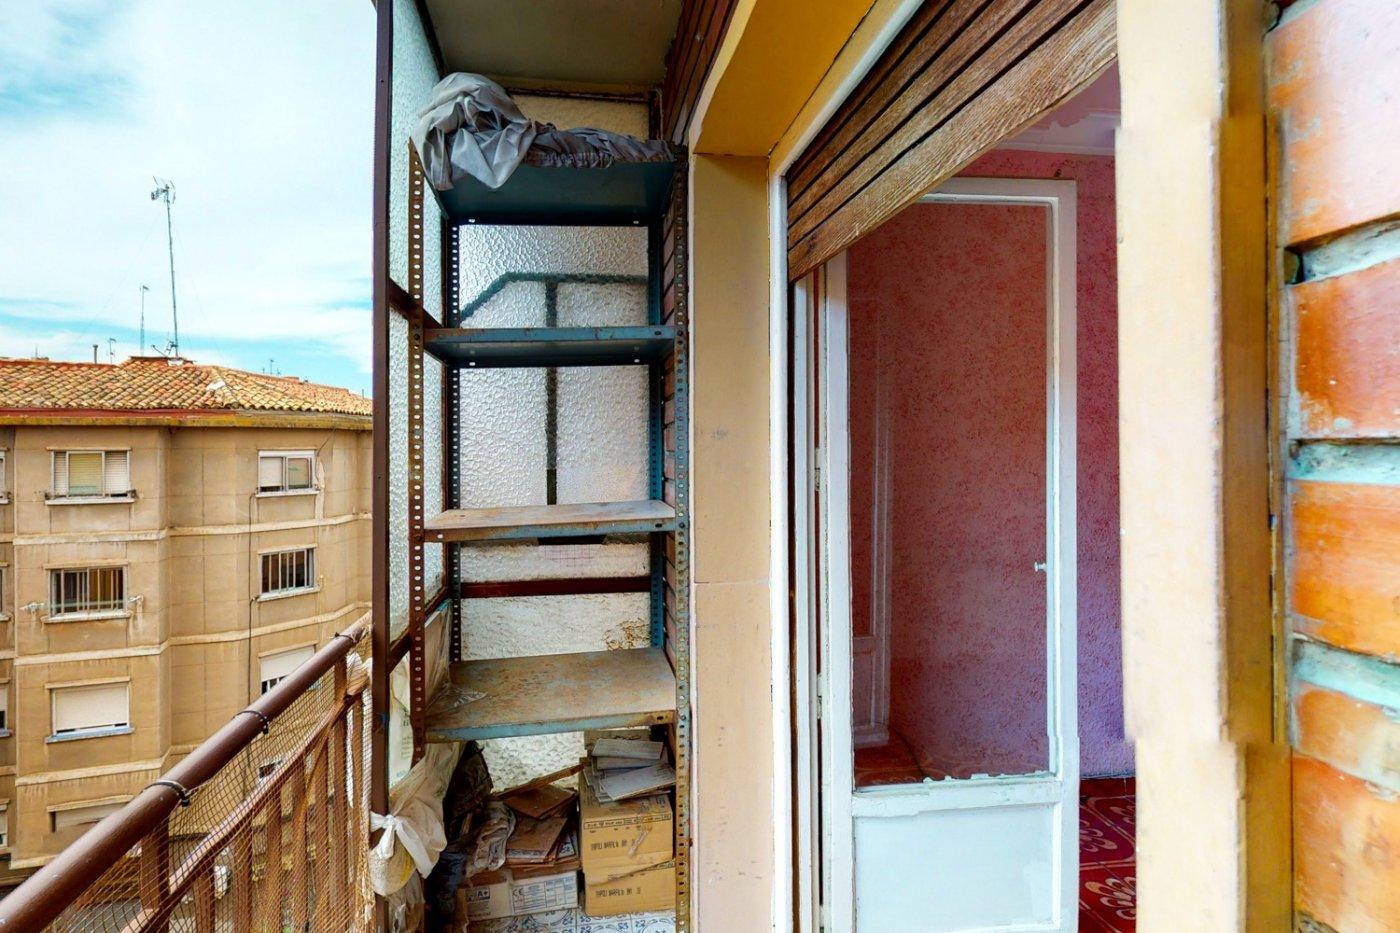 Piso a la venta en c/ lugo, exterior, de tres dormitorios, salon, cocina y baÑo. - imagenInmueble20